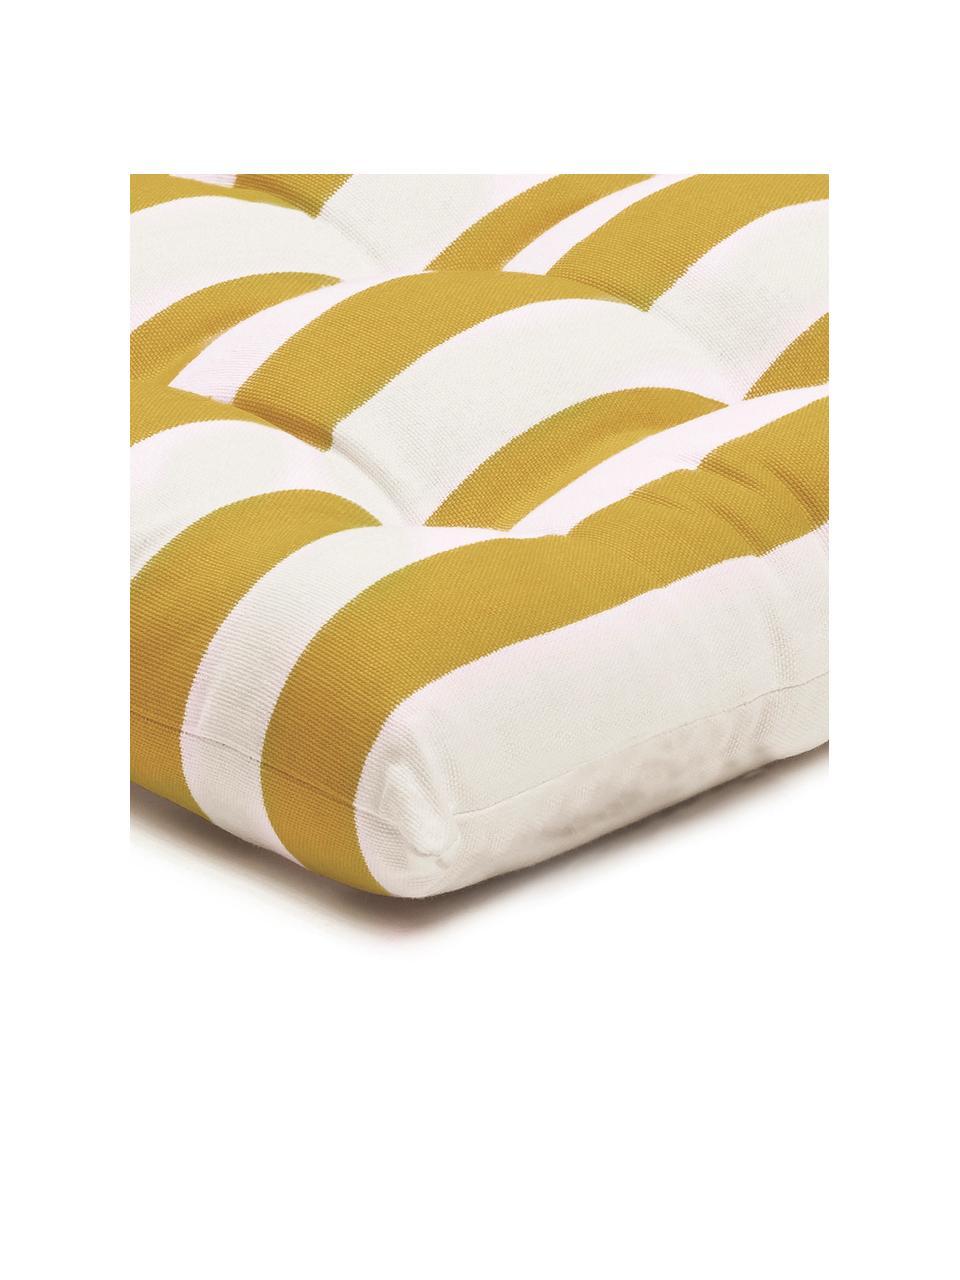 Gestreiftes Sitzkissen Timon in Gelb/Weiß, Bezug: 100% Baumwolle, Gelb, Weiß, 40 x 40 cm